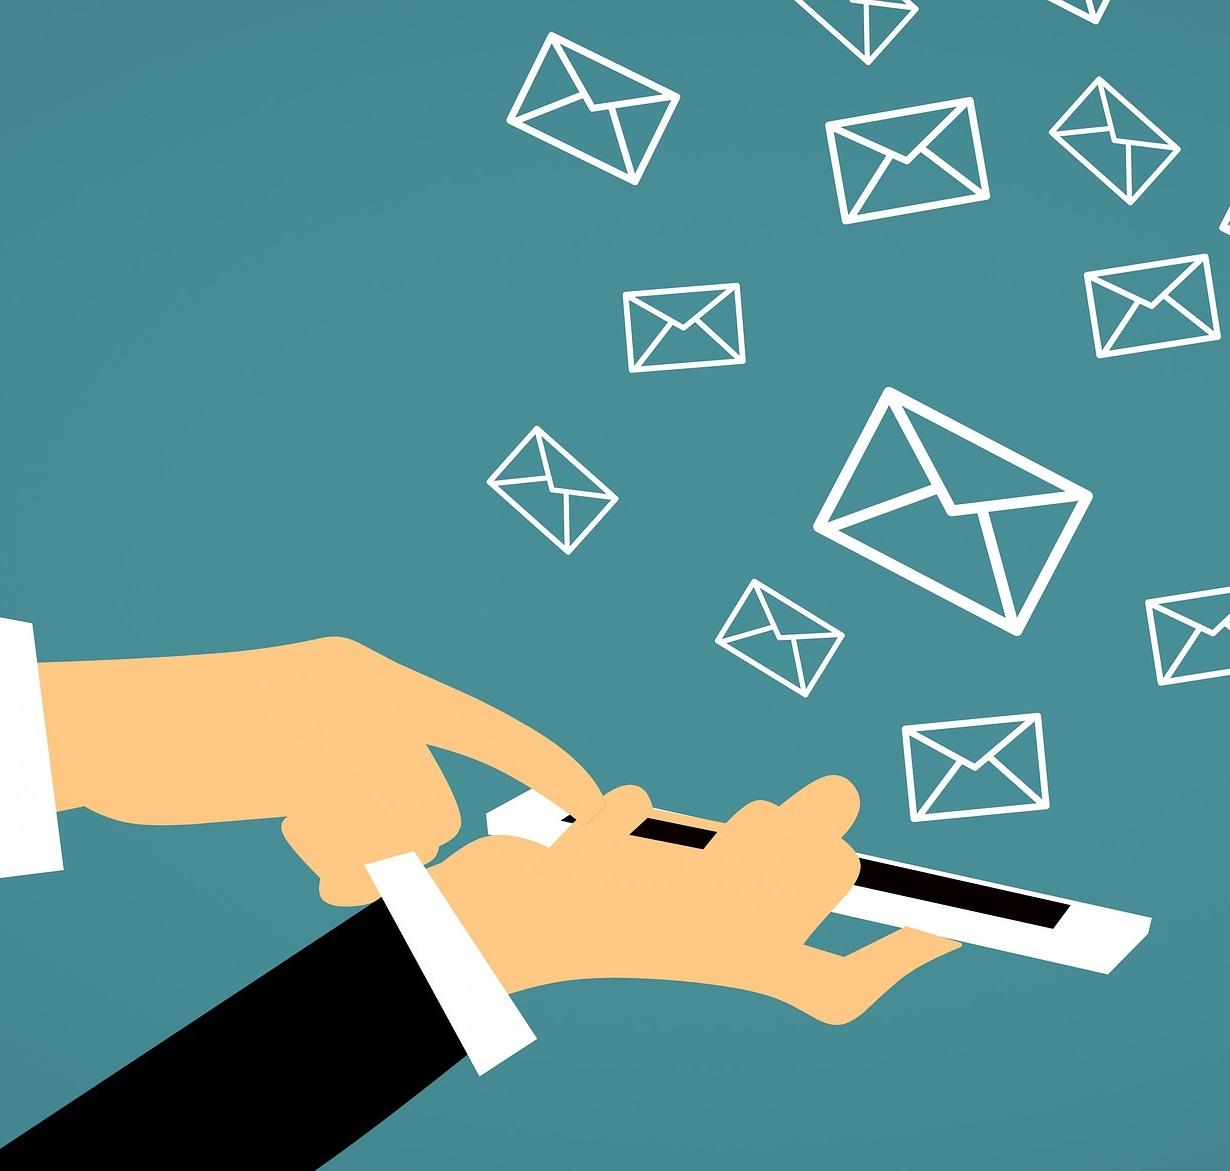 včeliště - e-mail marketing